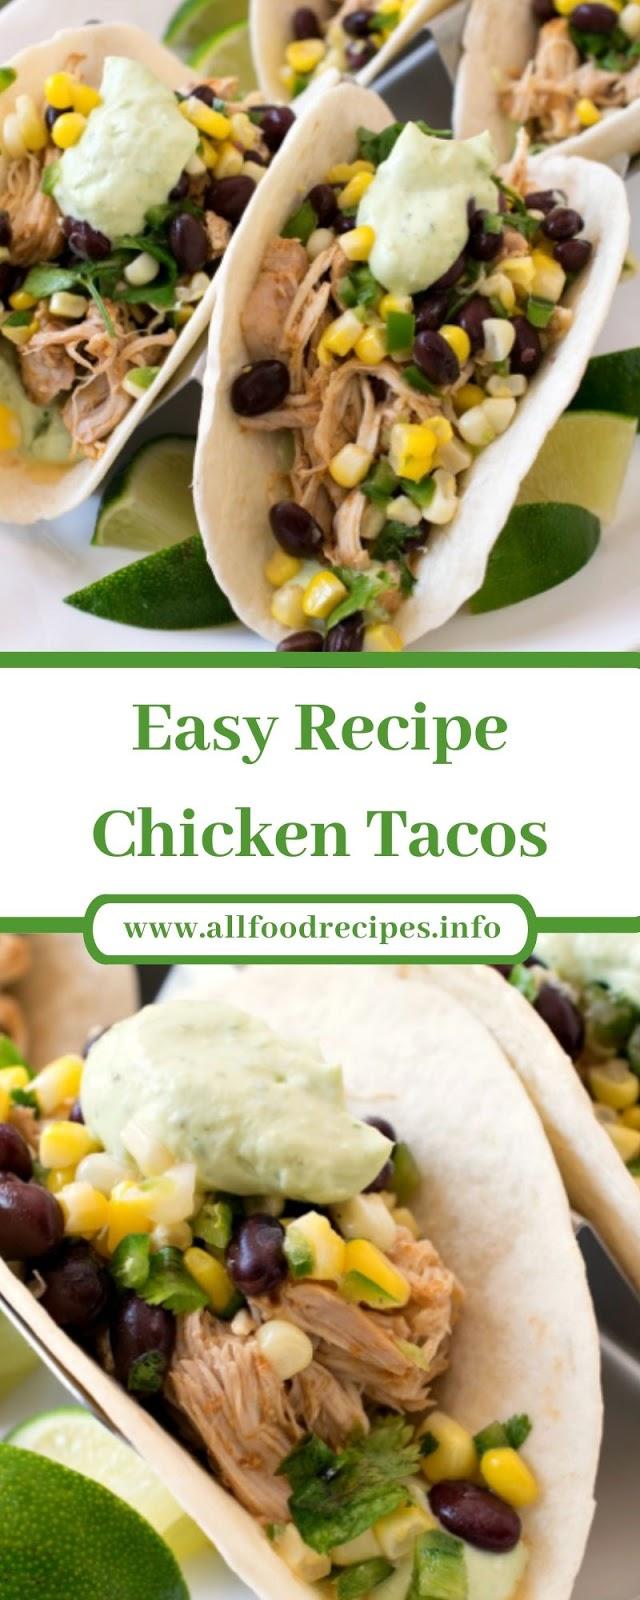 Easy Recipe Chicken Tacos